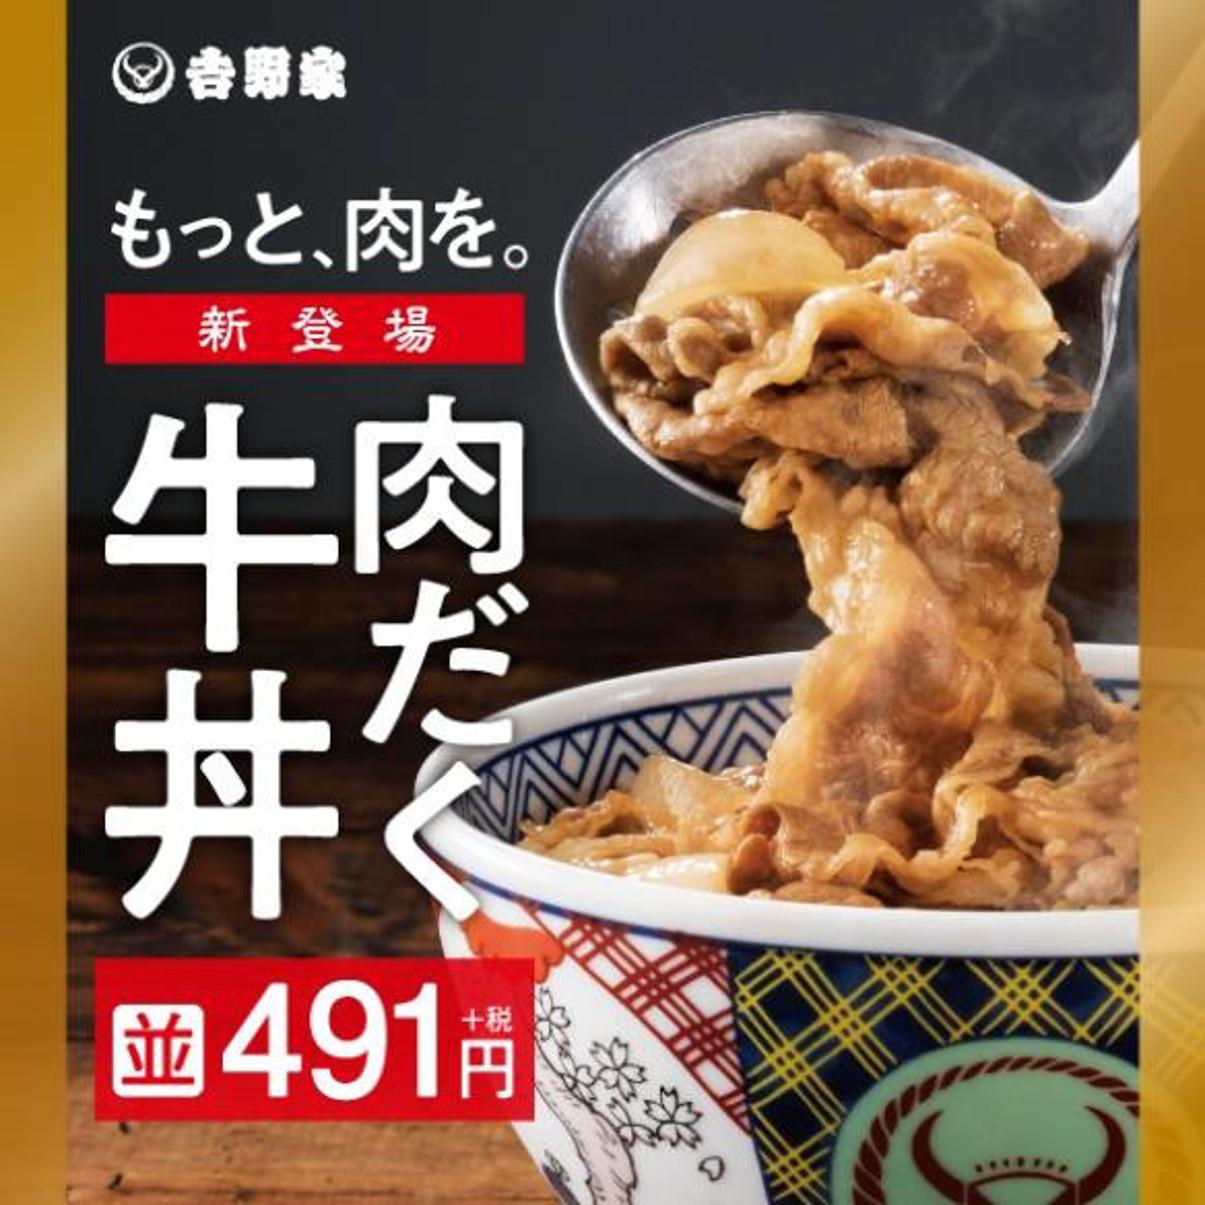 吉野家肉だく牛丼2020メイン_1205_20200330